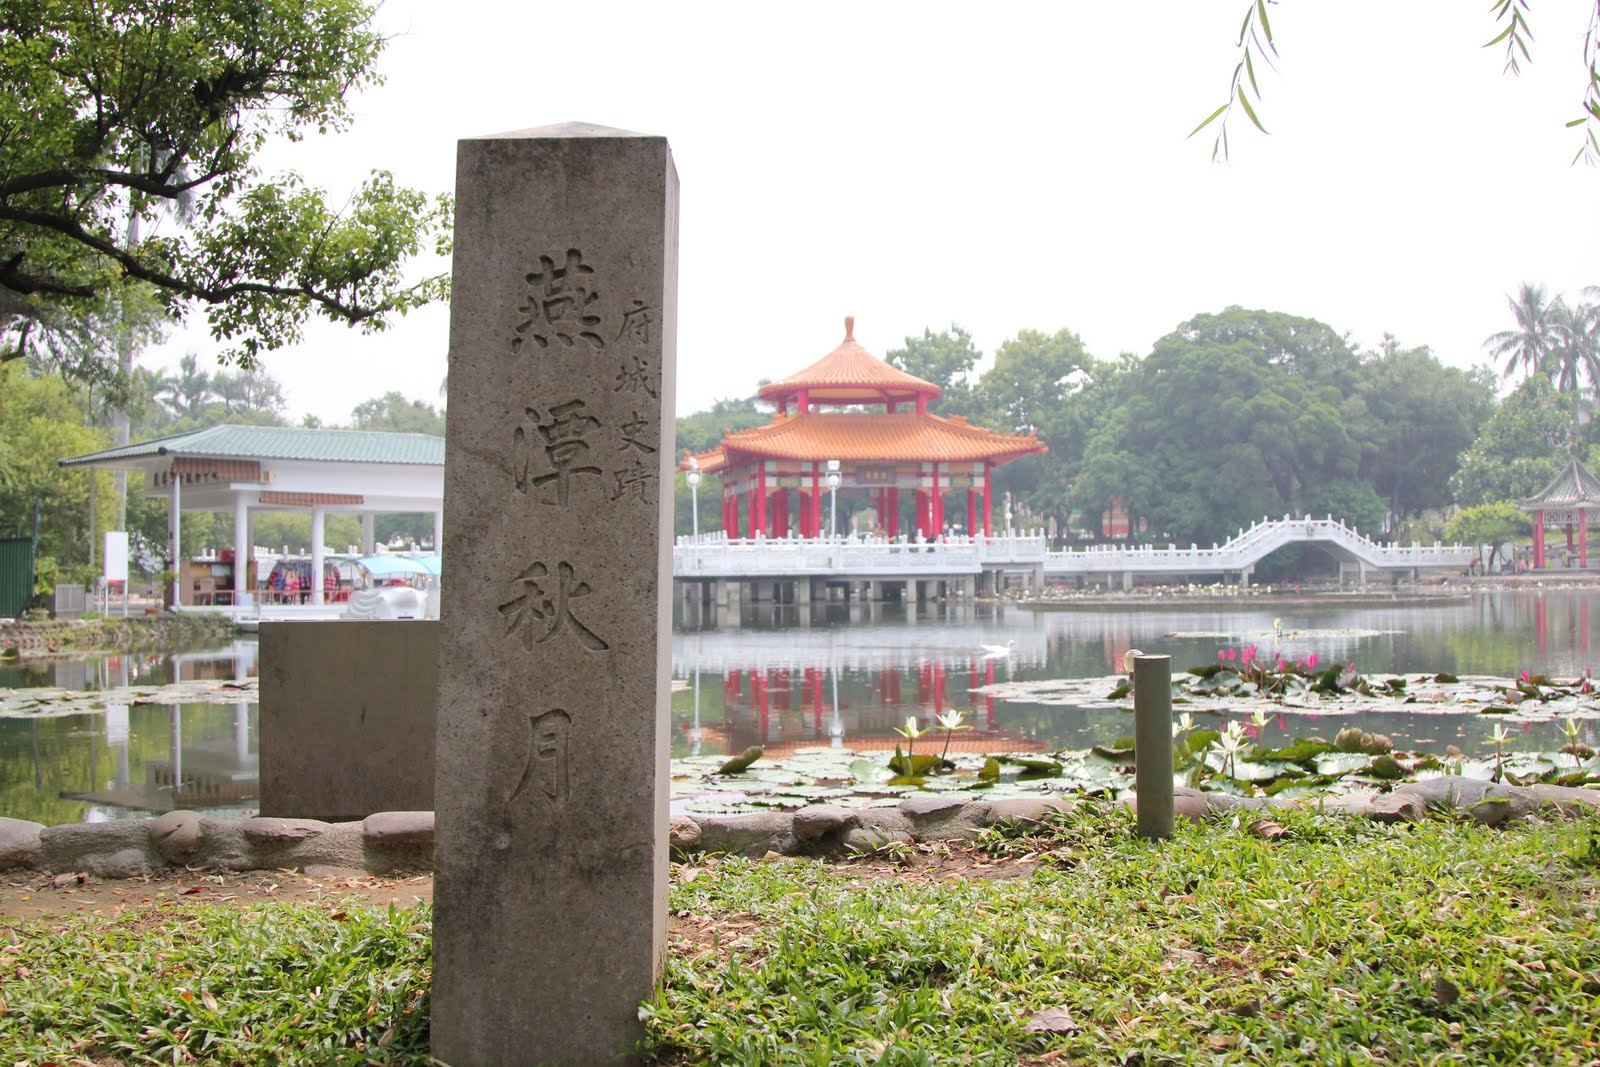 【臺南 北區】臺南文化巡禮一日遊 - 臺南公園與重道崇文坊